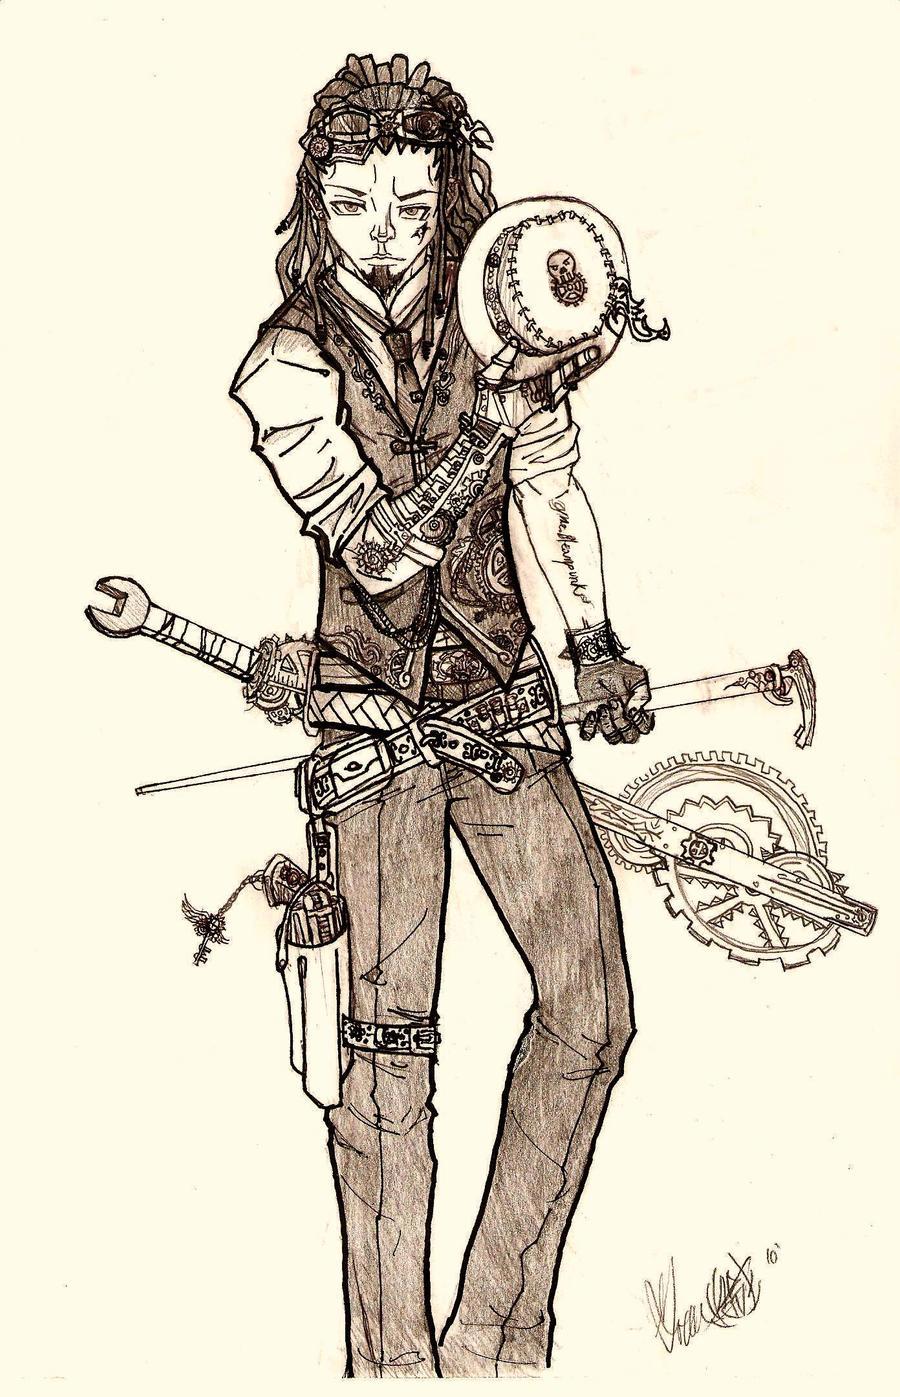 Mr. Steampunk Gentleman by uchihasato on DeviantArt